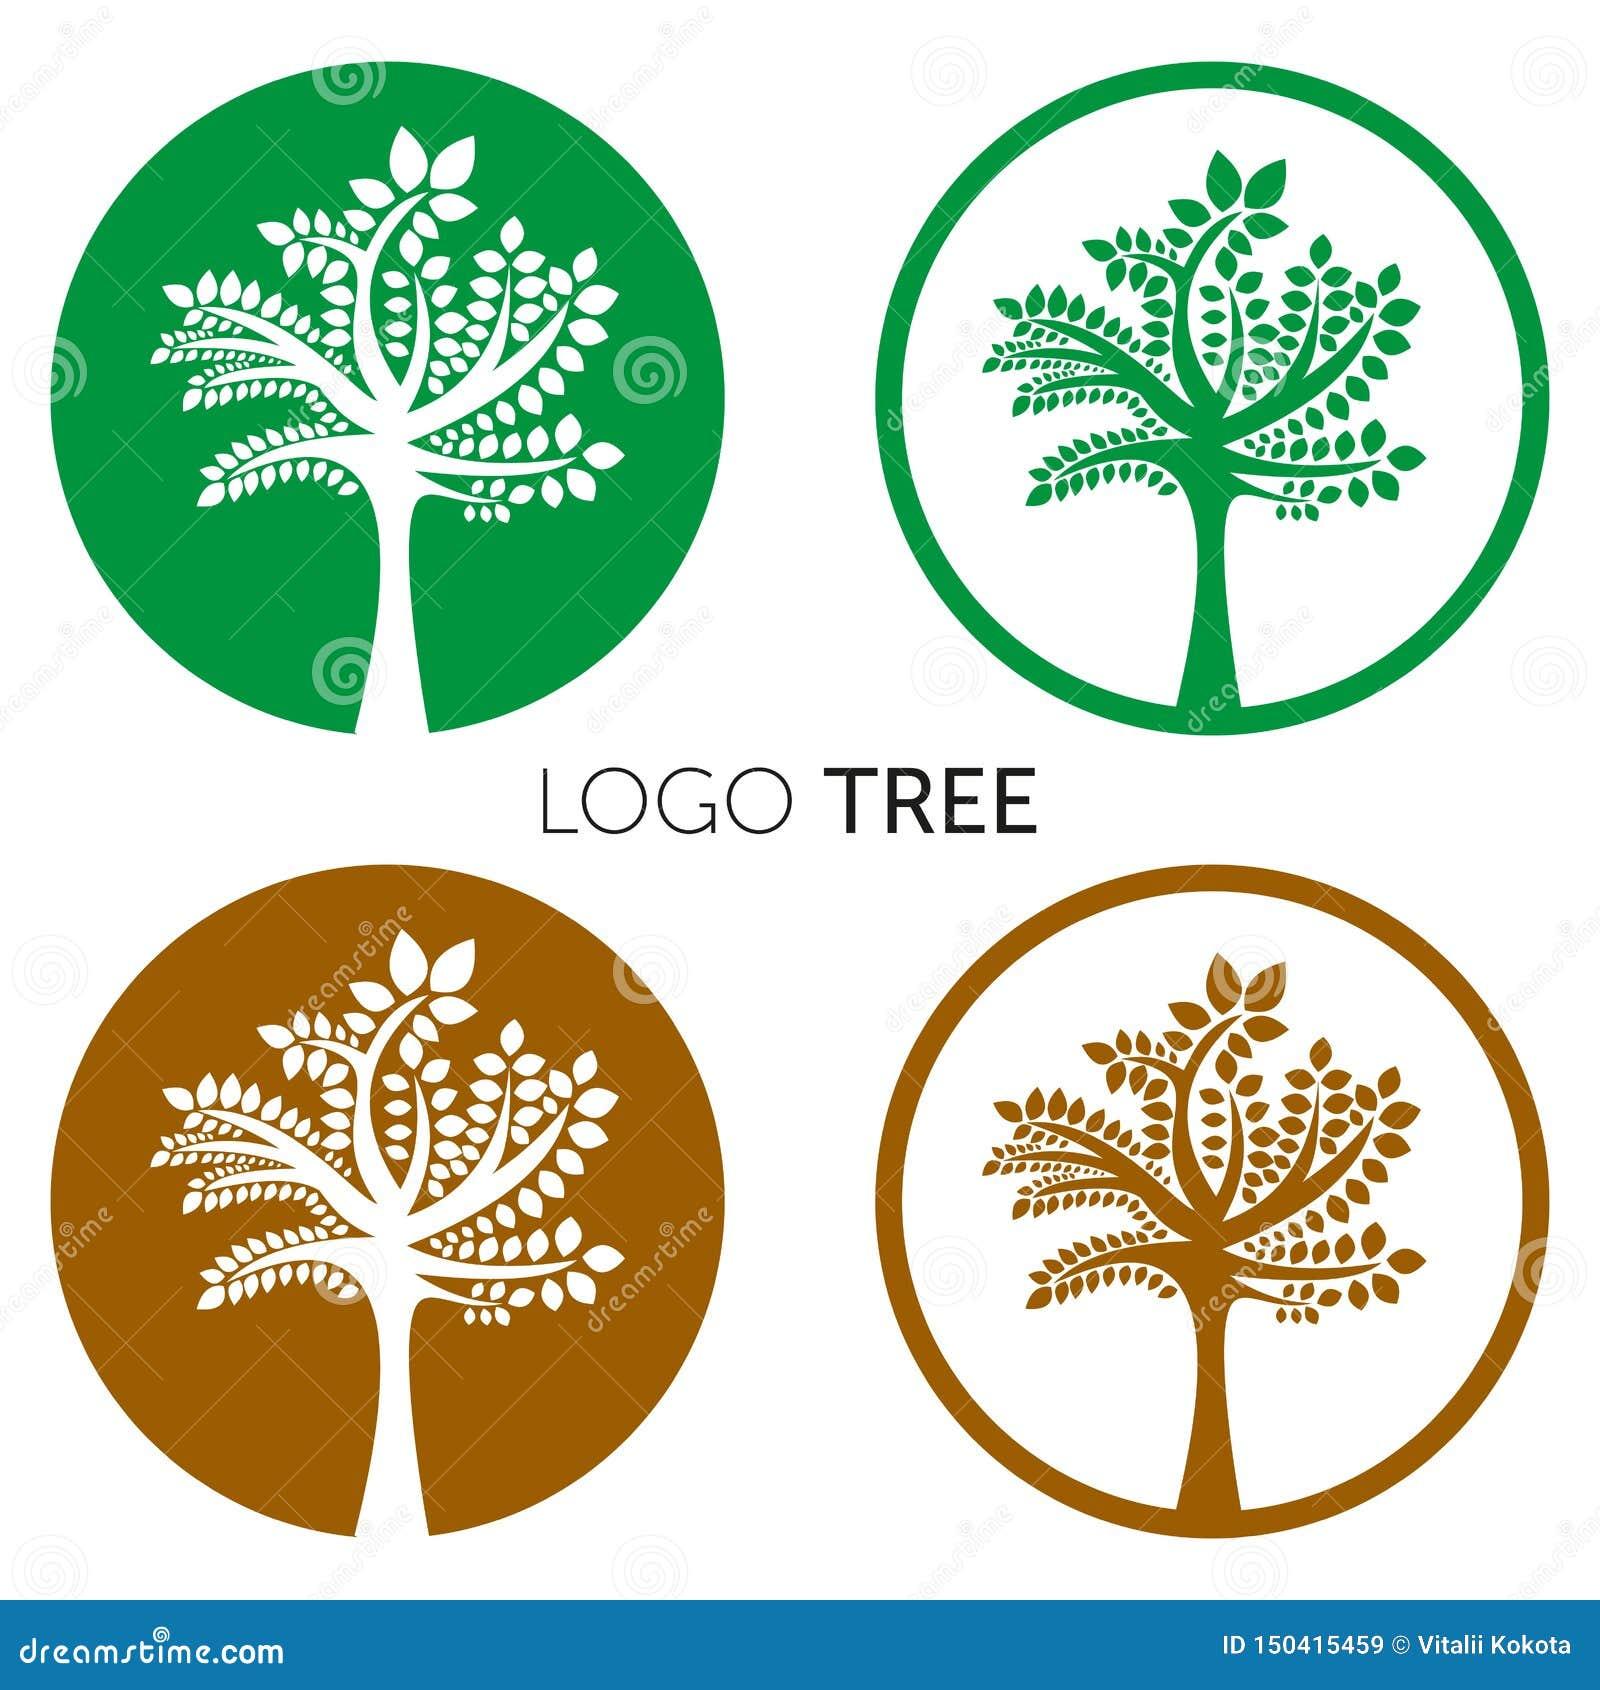 Drzewnego logo abstrakcjonistycznego projekta szablonu negatywu przestrzeni wektorowy styl Eco rośliny logotypu pojęcia Zielona O